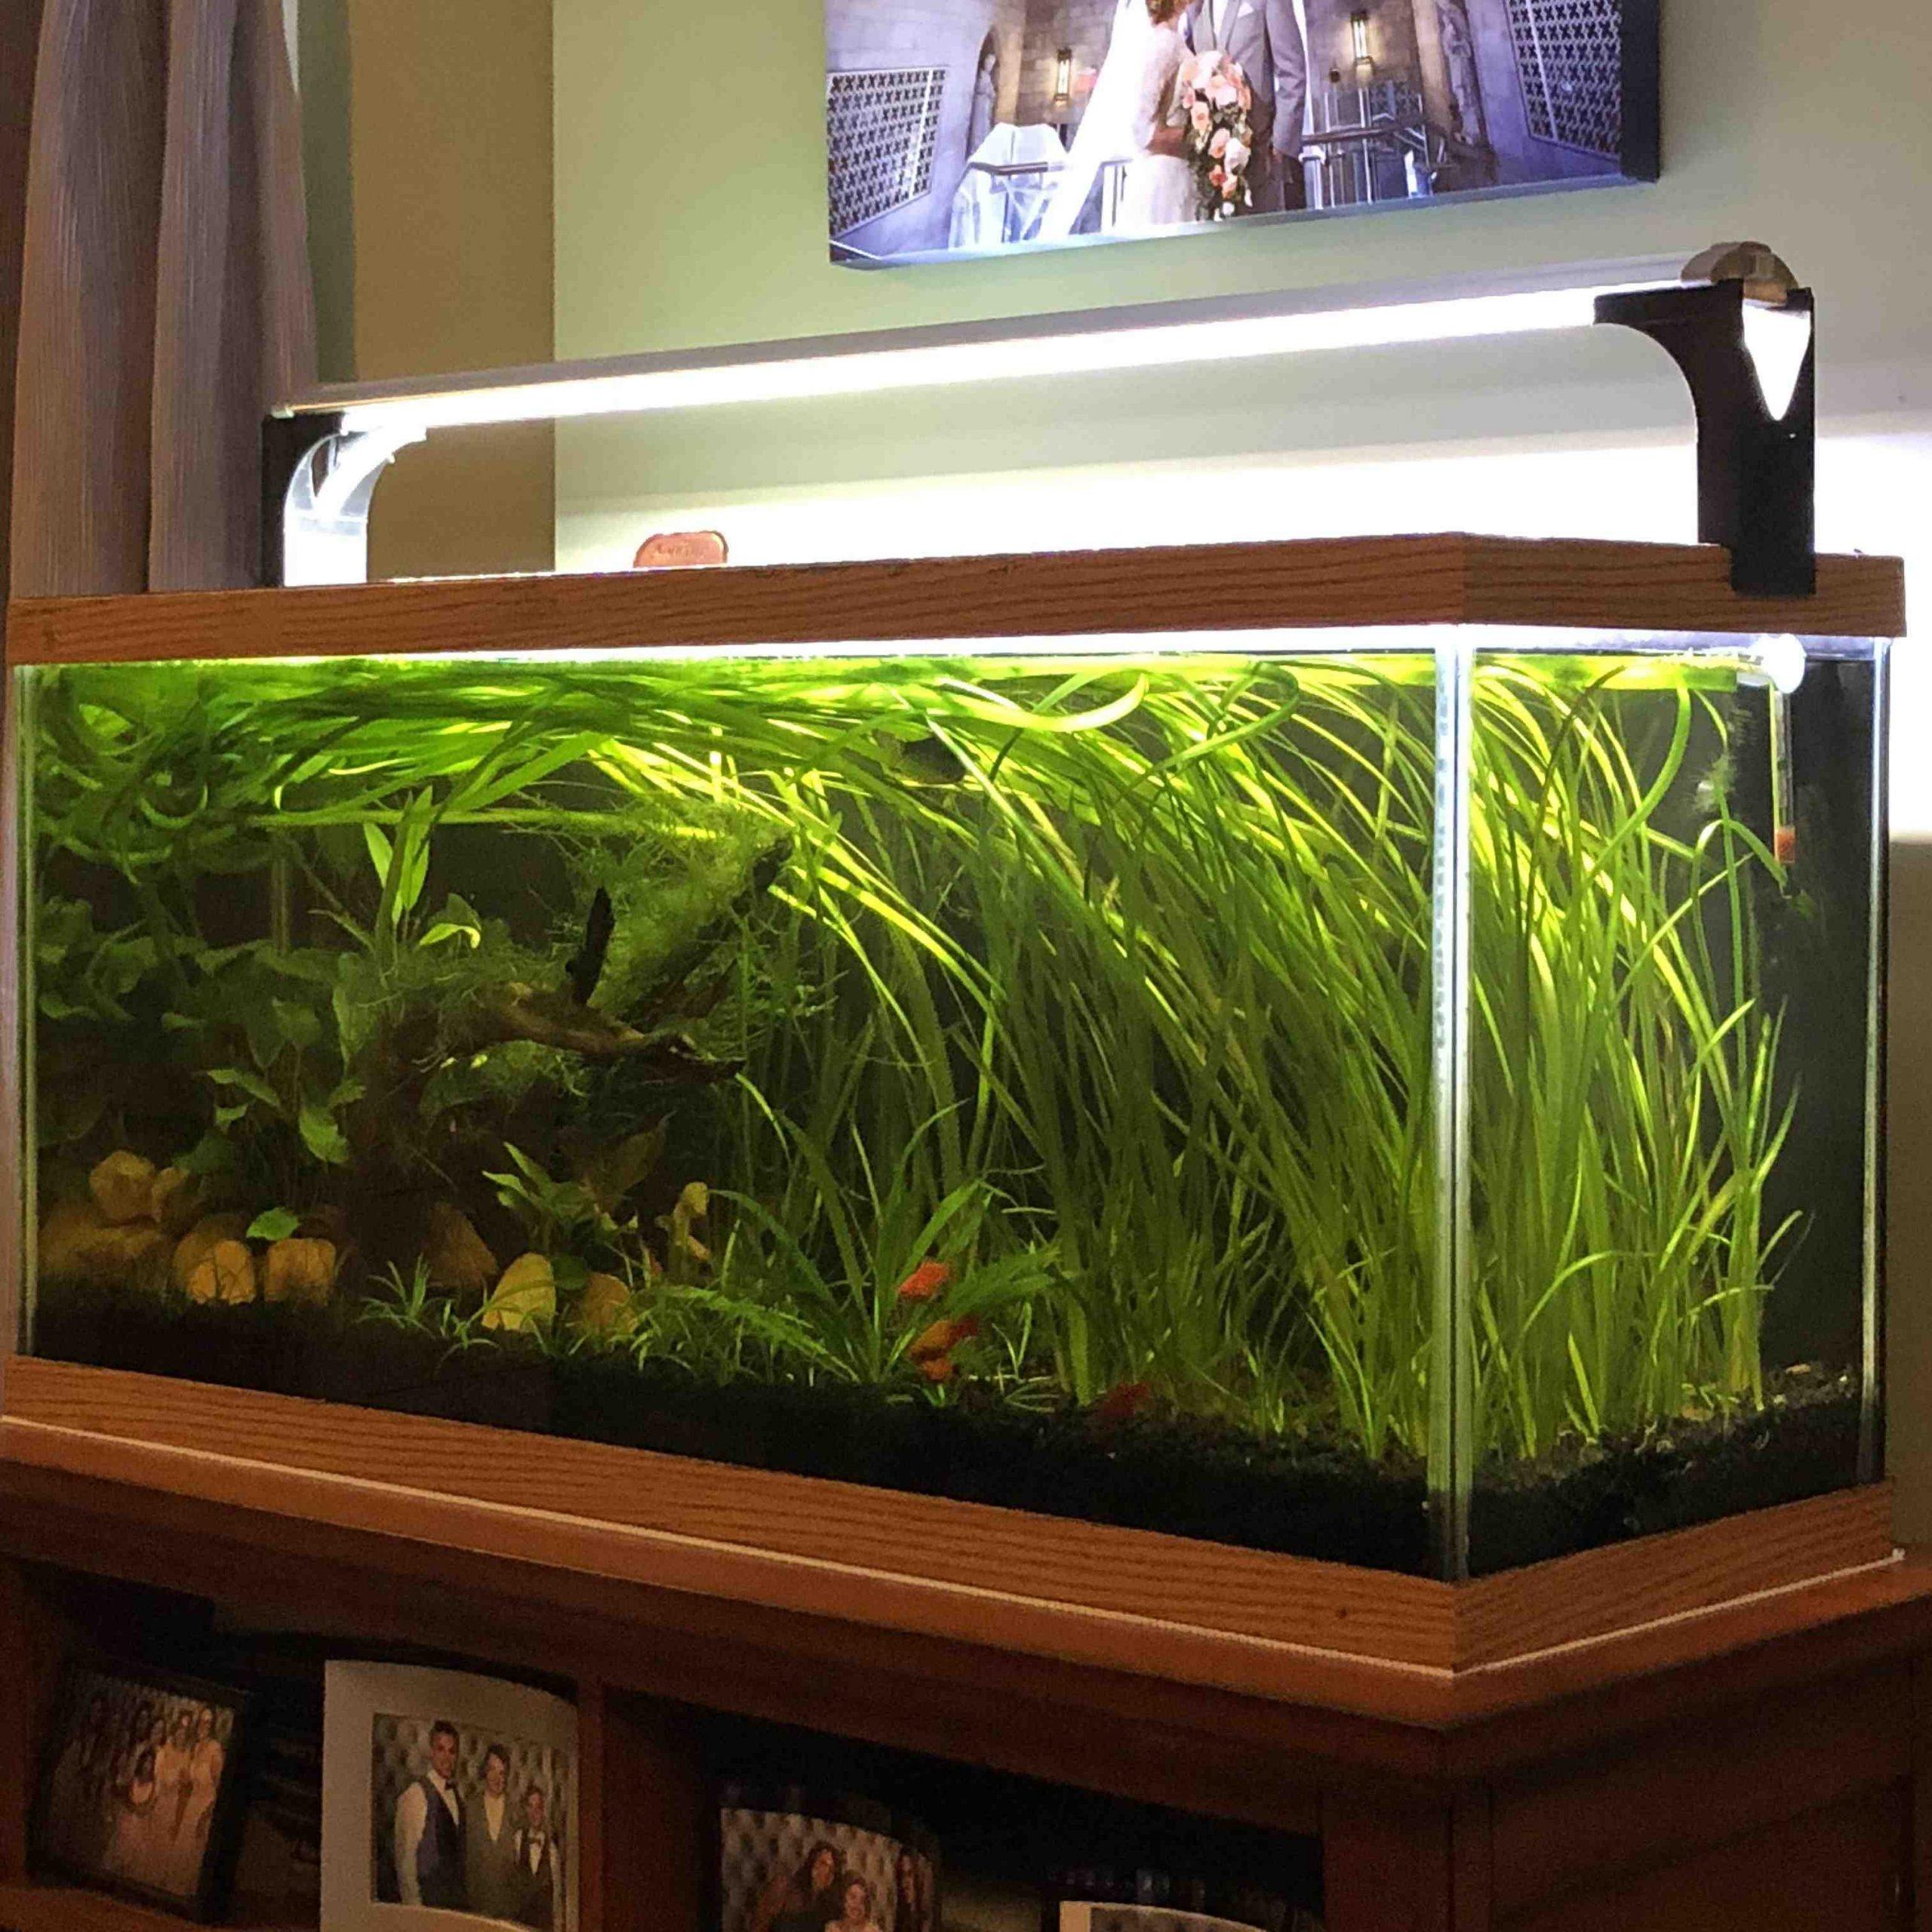 Quel genre d'aquarium?